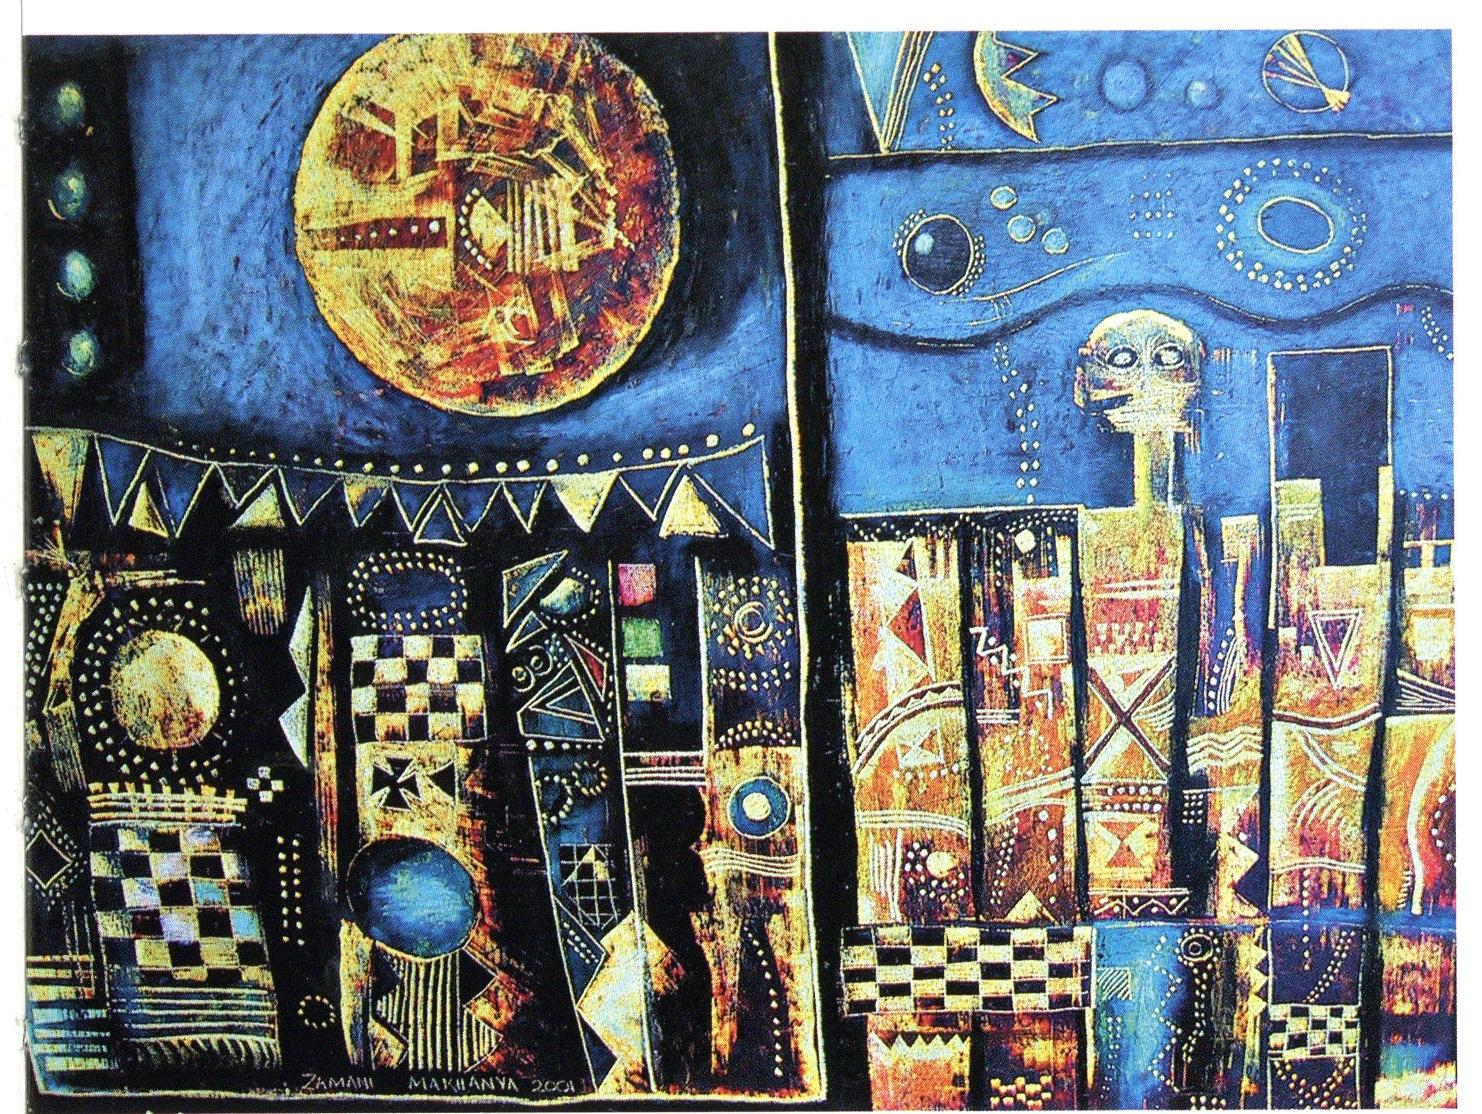 <em>Untitled,</em> Oil pastel, 2003